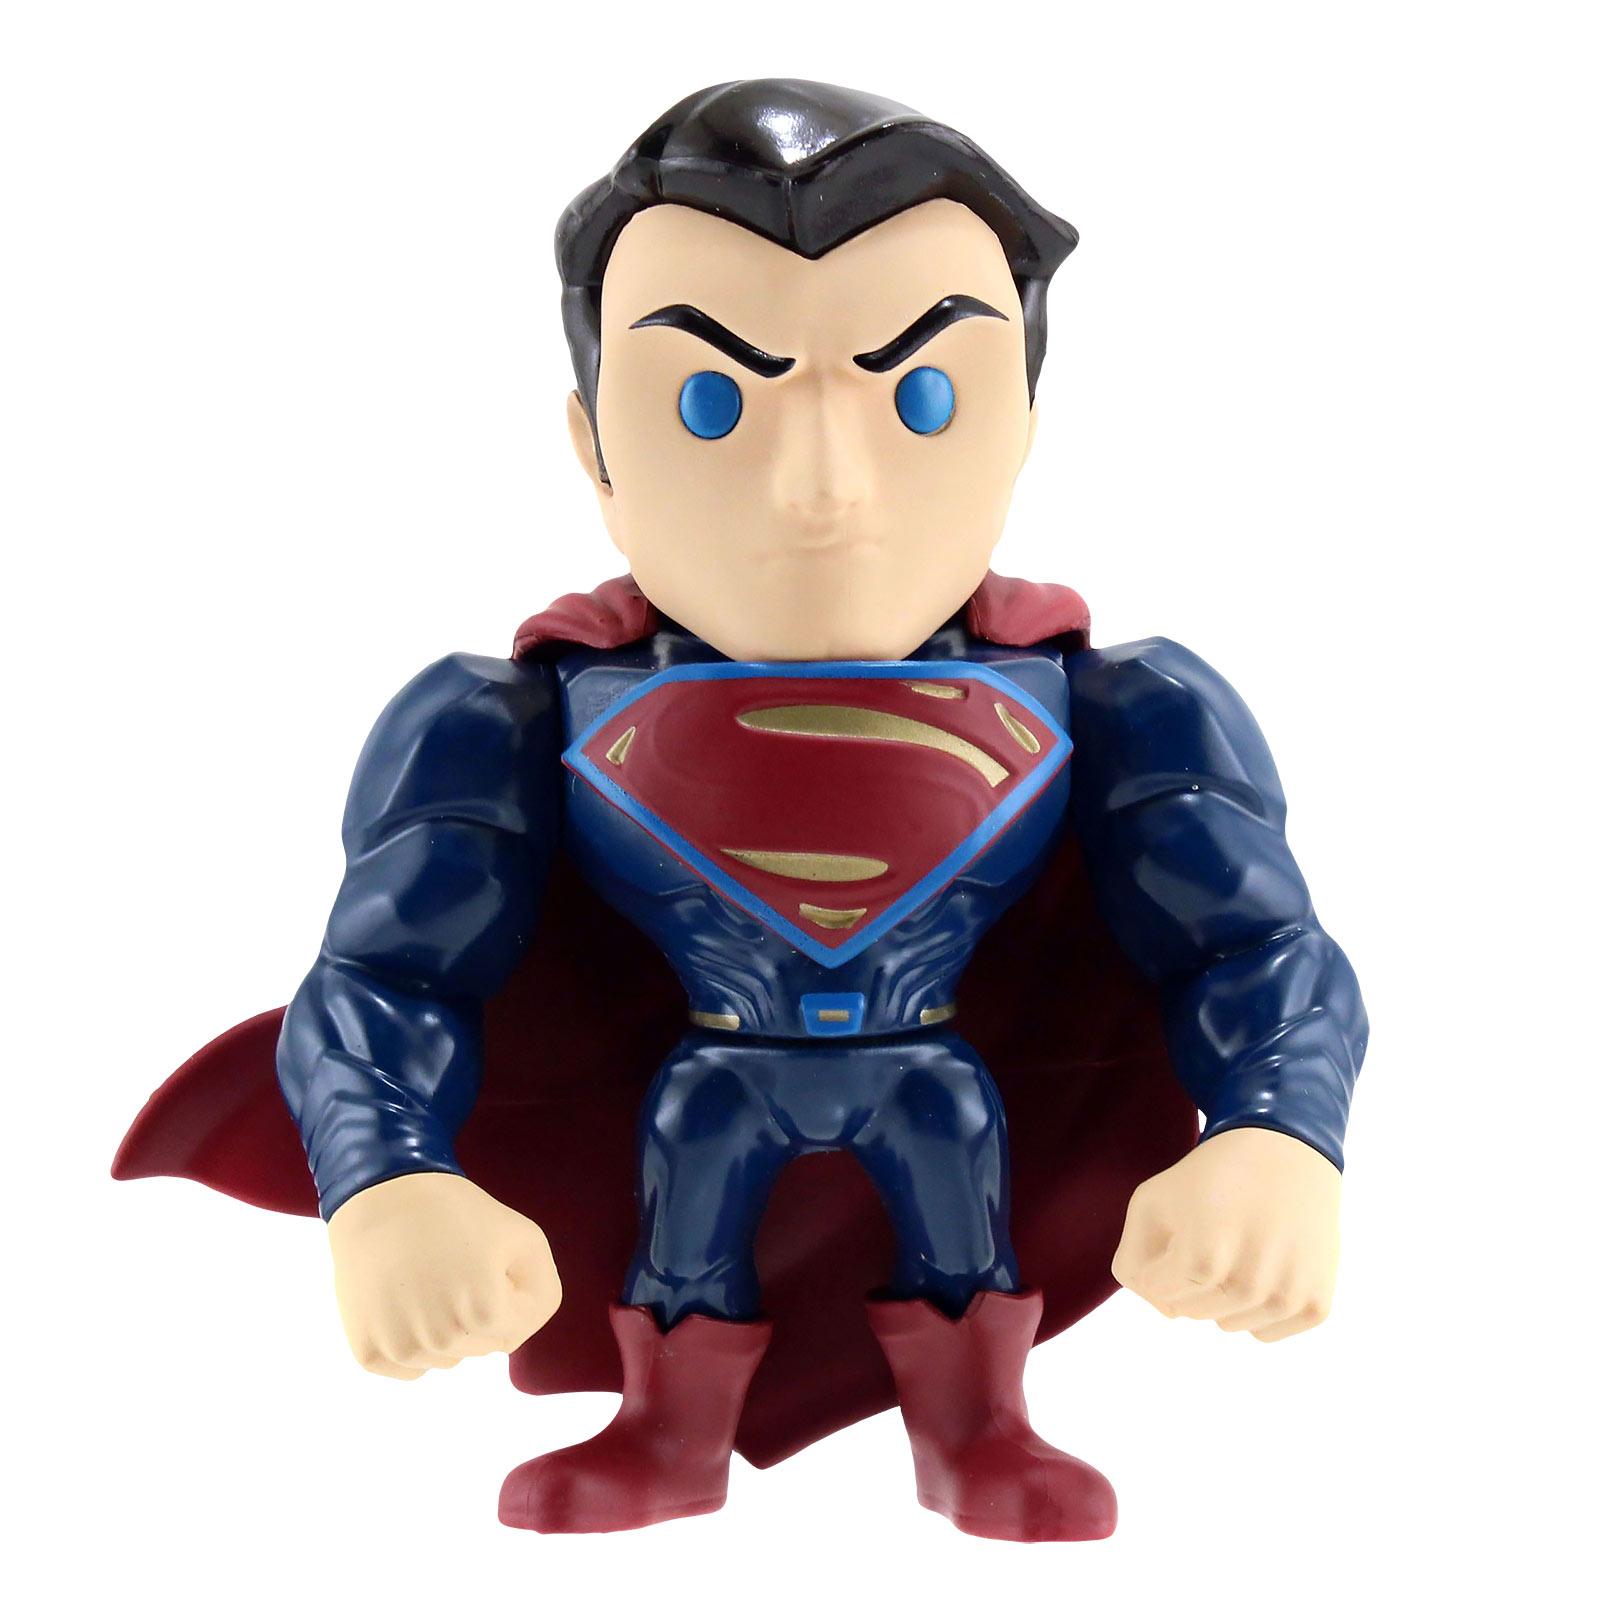 Superman - Actionfigur 10 cm